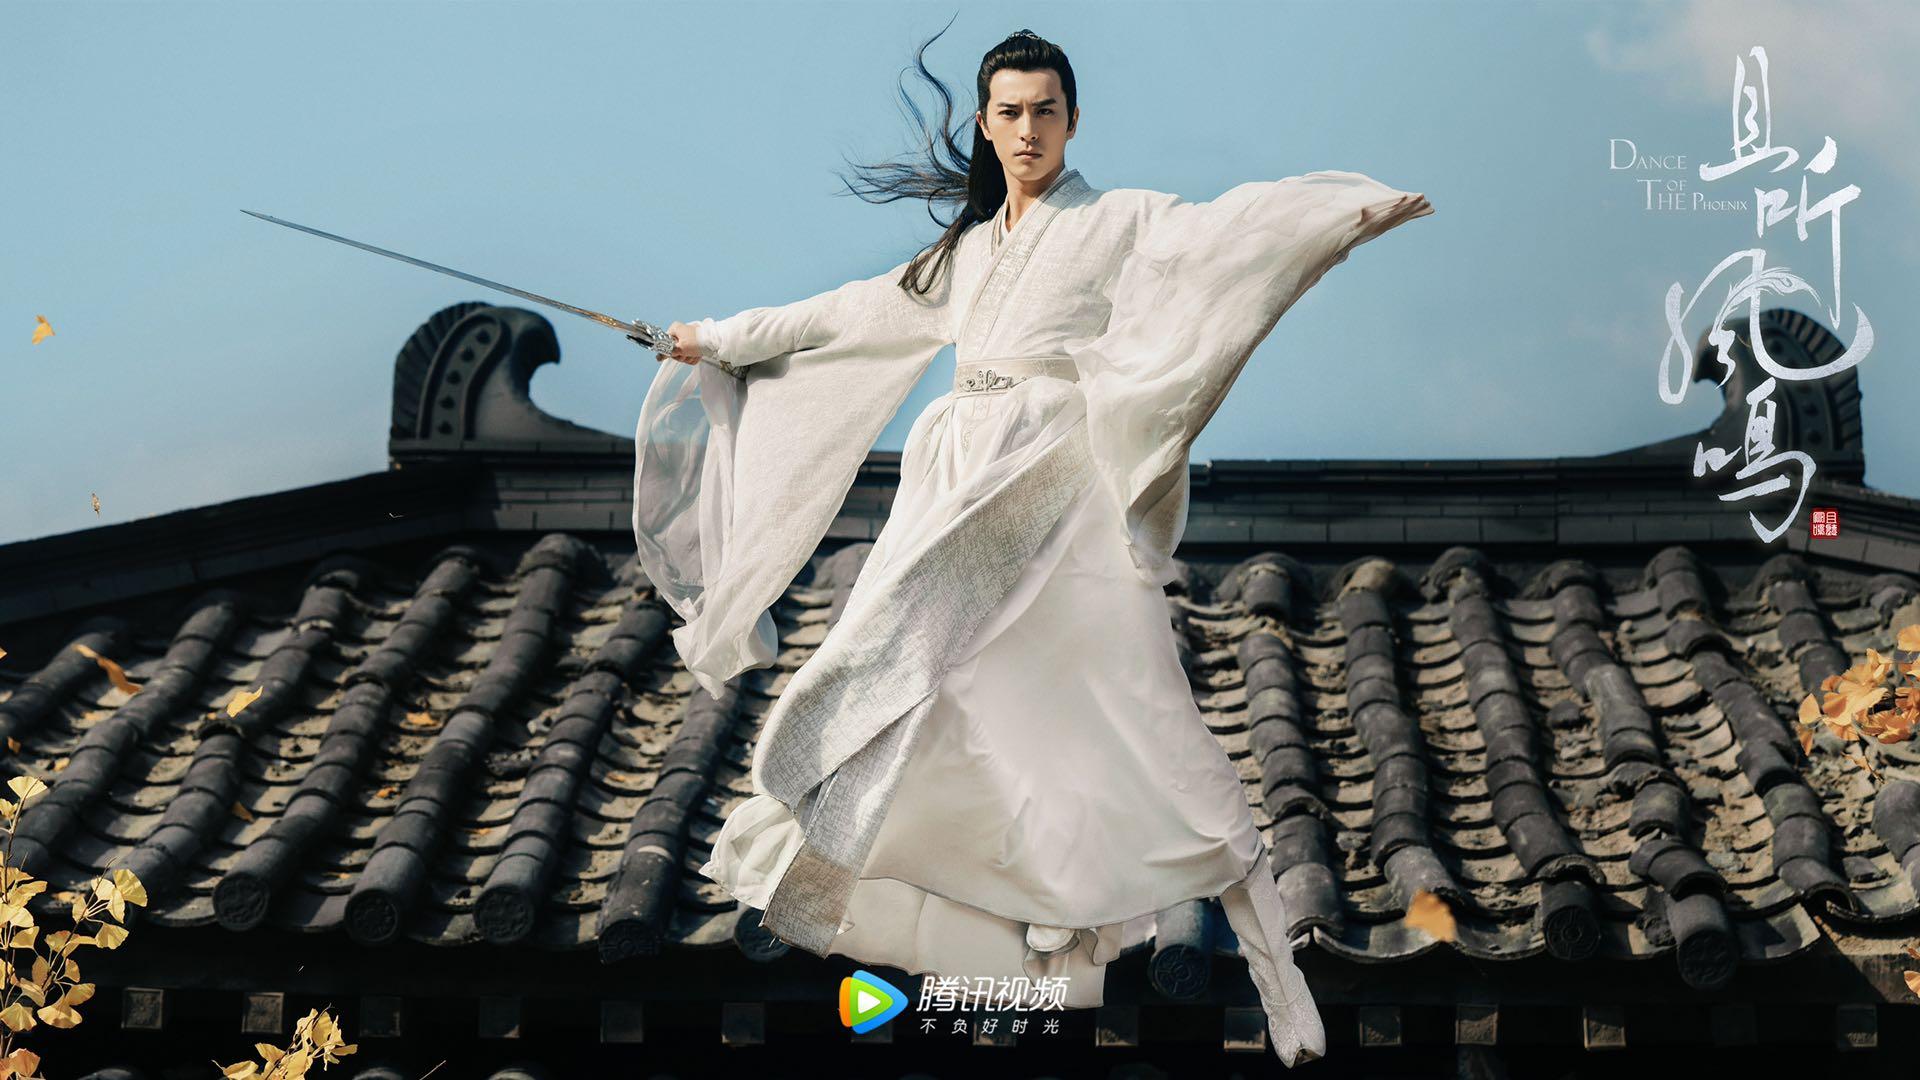 《且听凤鸣》圆满收官:徐开骋演技认证 戏内戏外反差惊喜不断